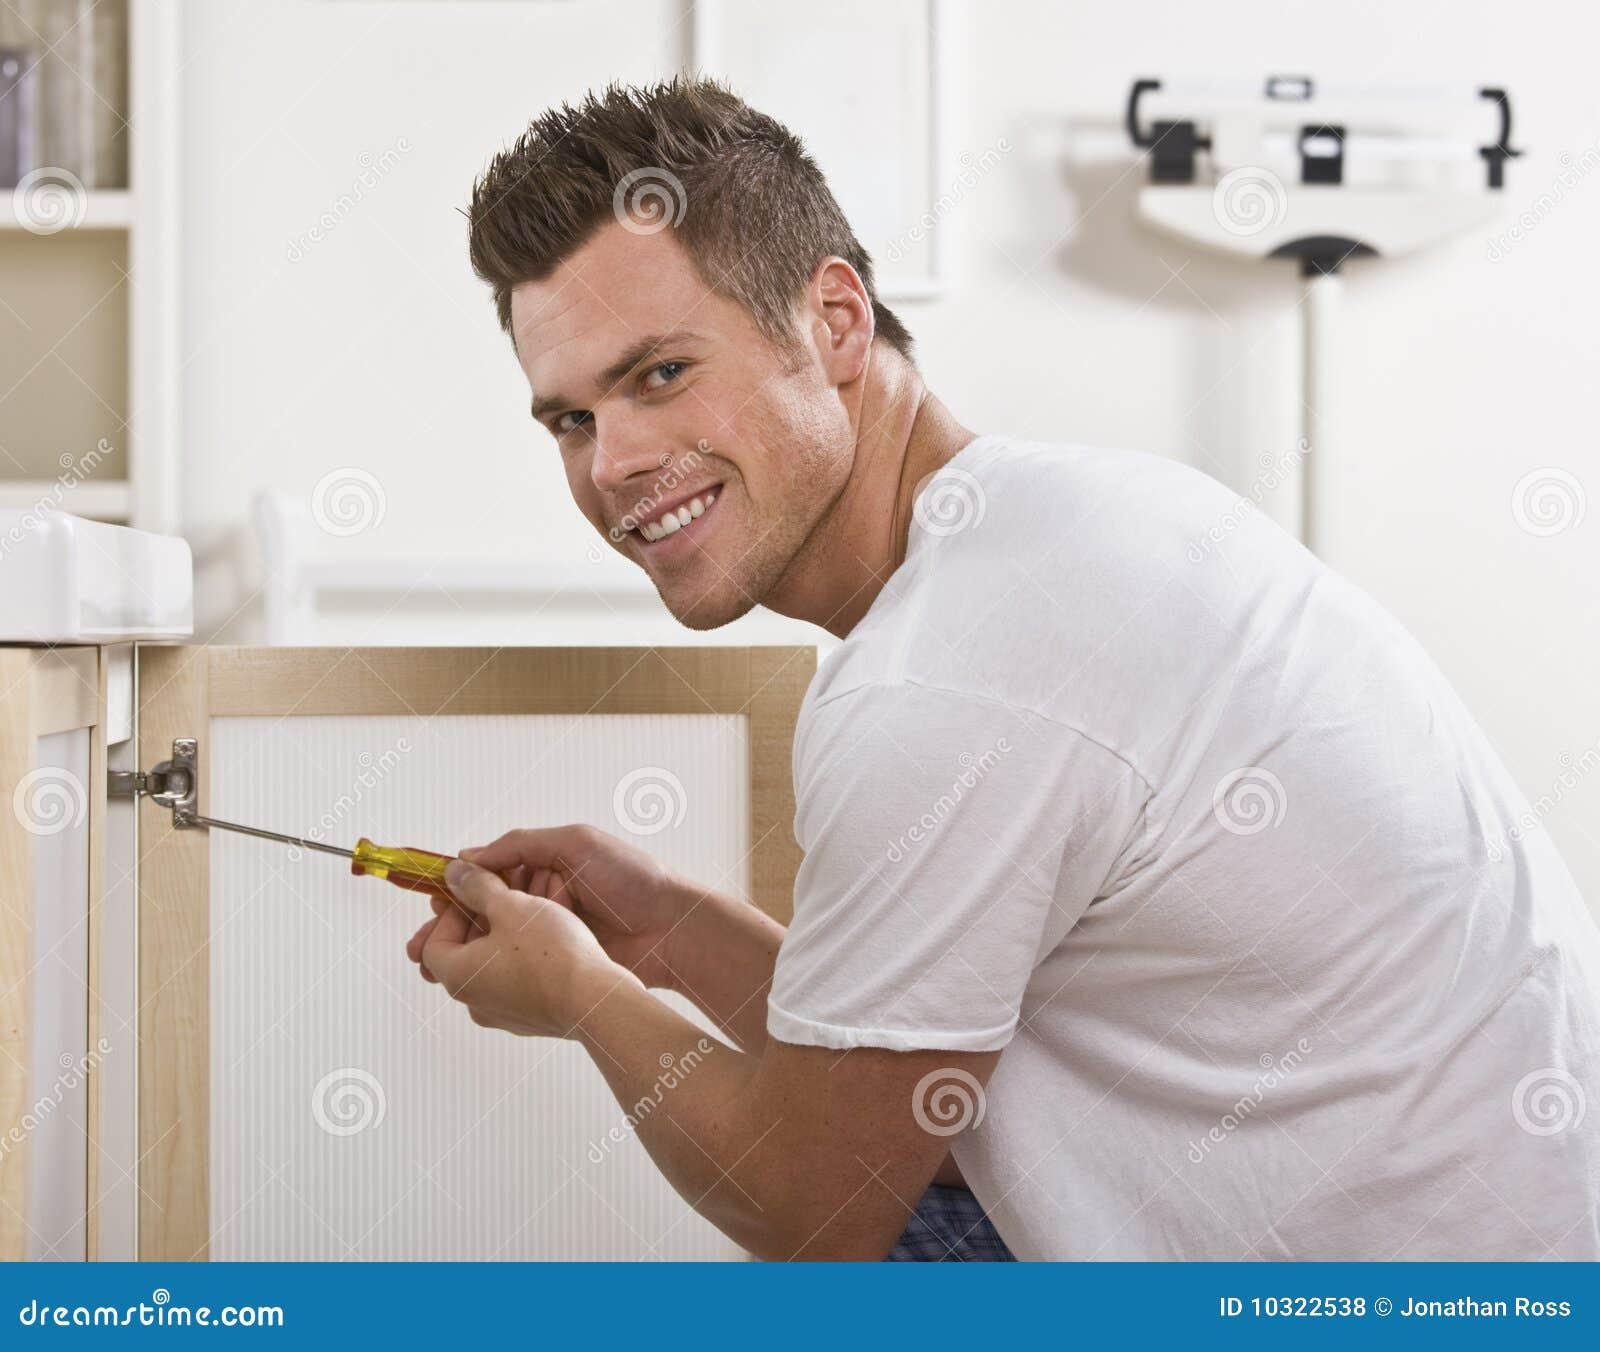 Amazing Smiling Man Fixing Cabinet Door